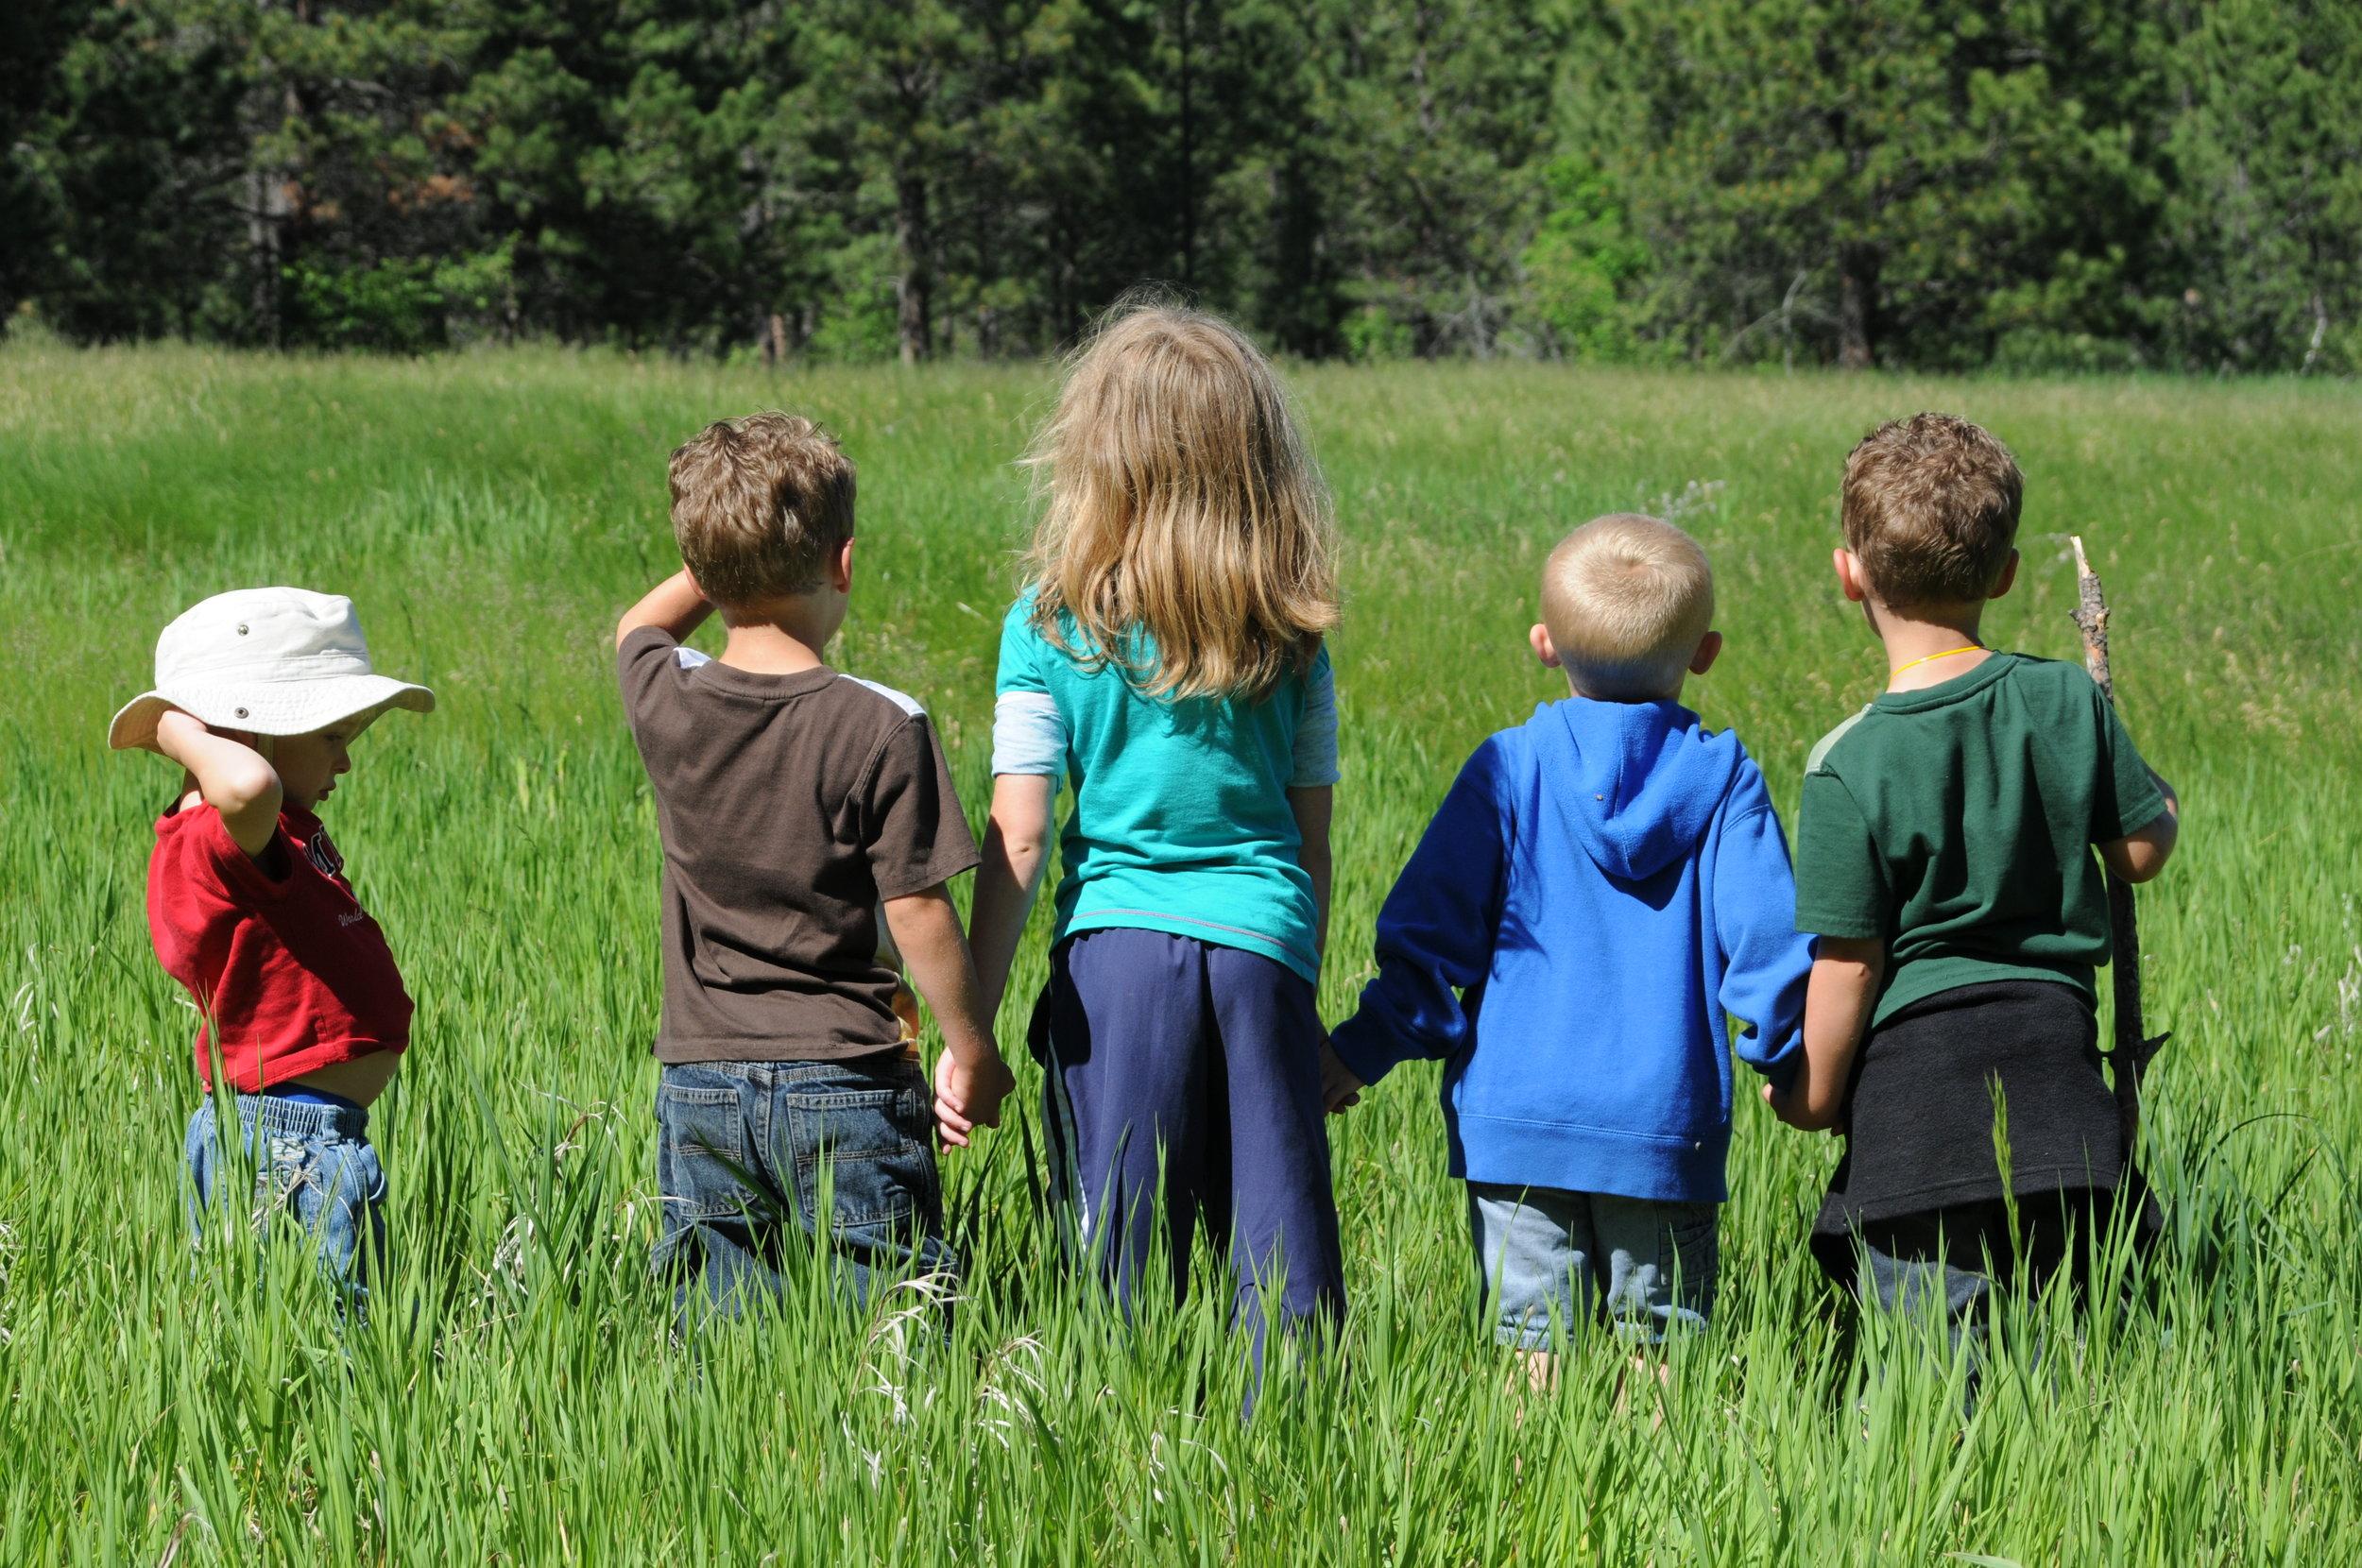 kids in field.JPG